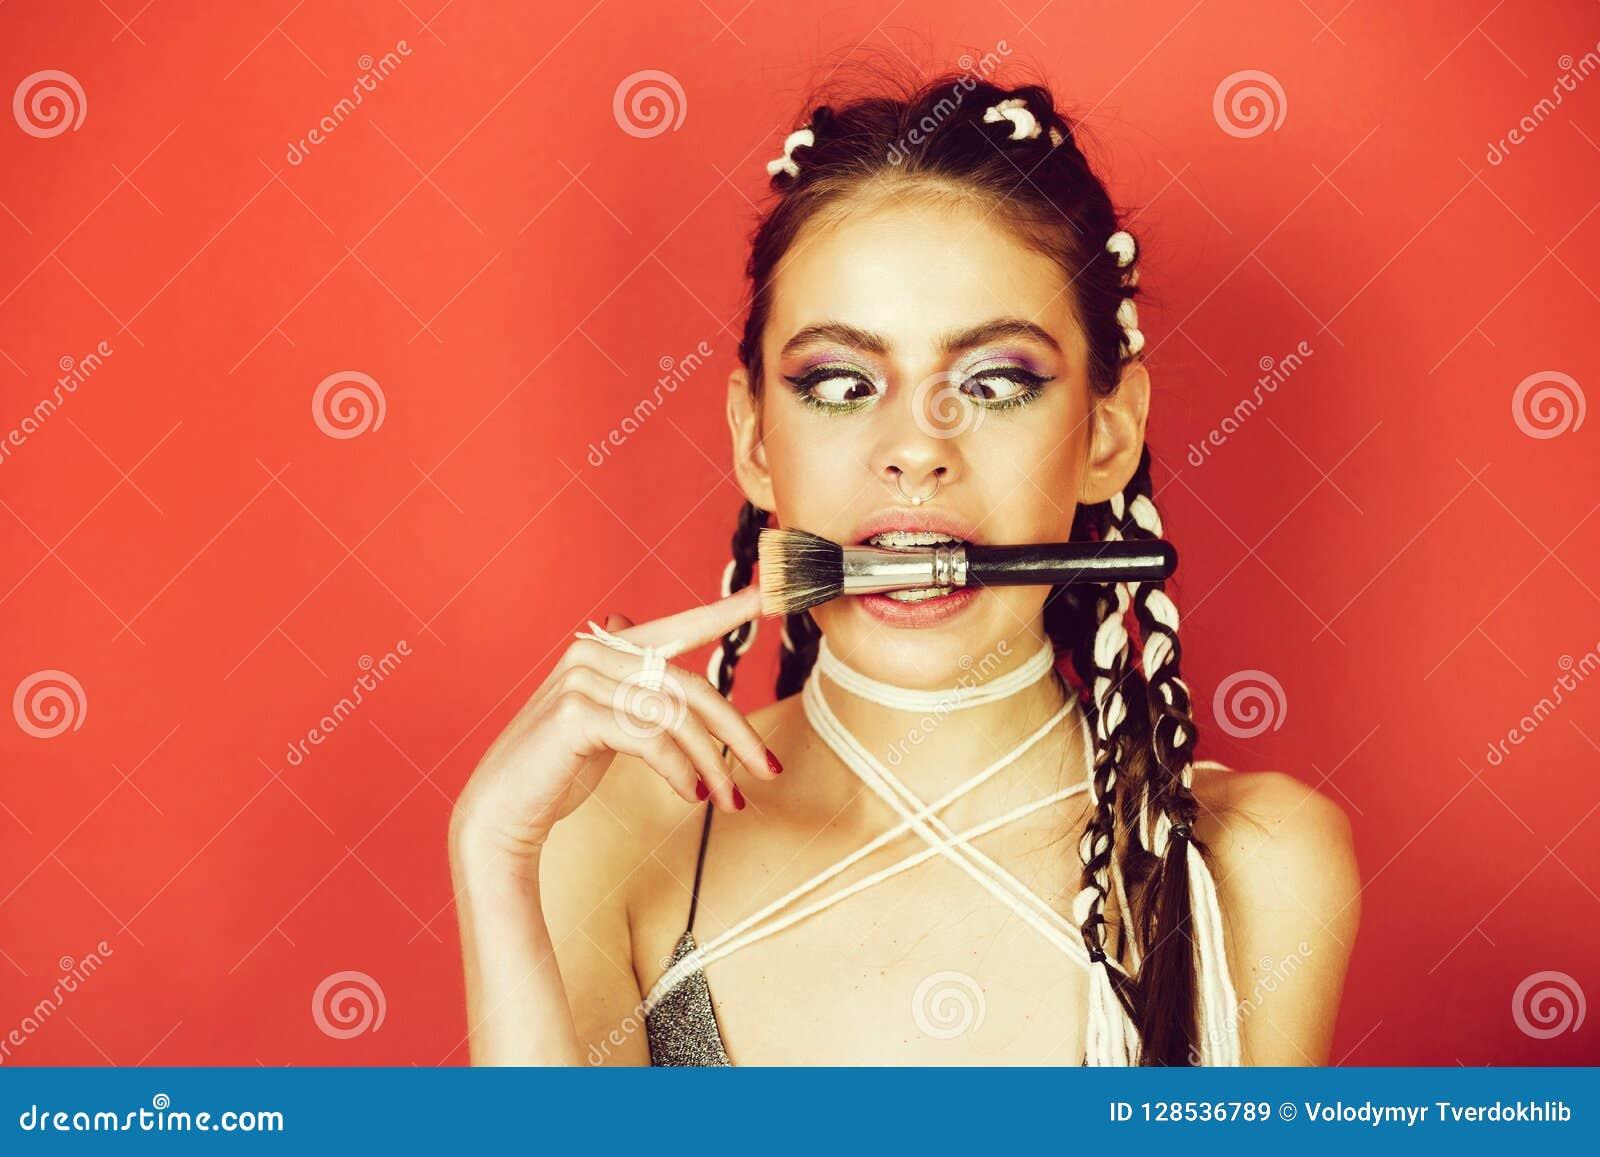 Schönheit und Mode, Make-up und Haar, Indie und boho